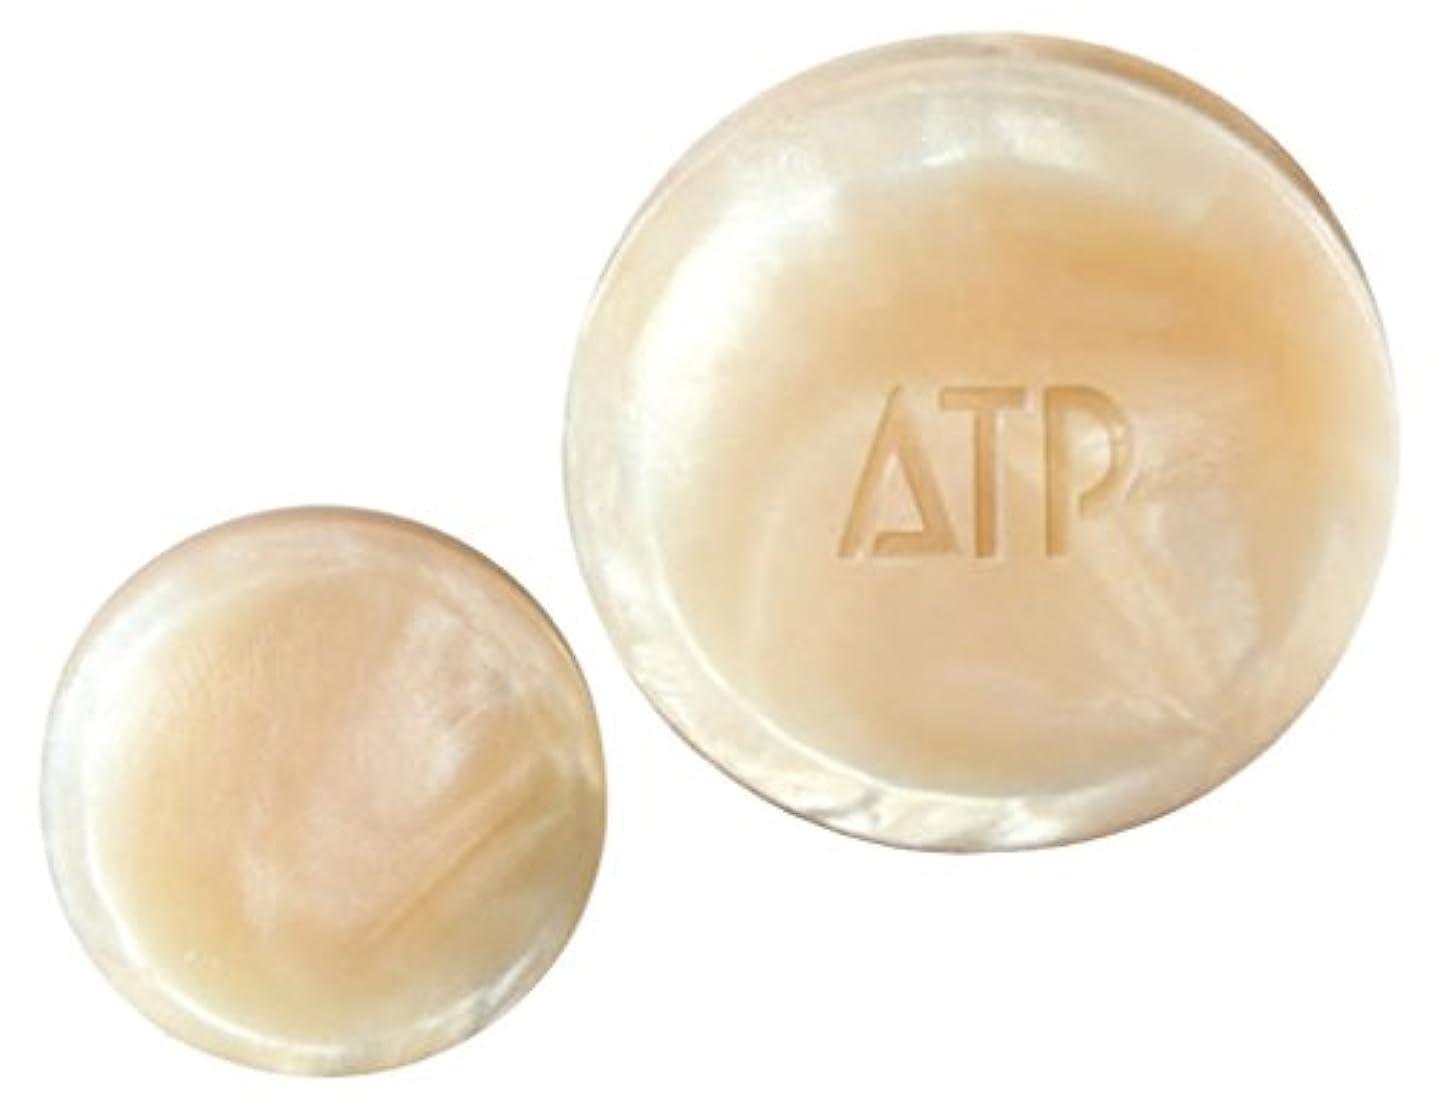 スーツケース印をつける浮く薬用ATP デリケアソープ 30g (全身用洗浄石けん?枠練り) [医薬部外品]